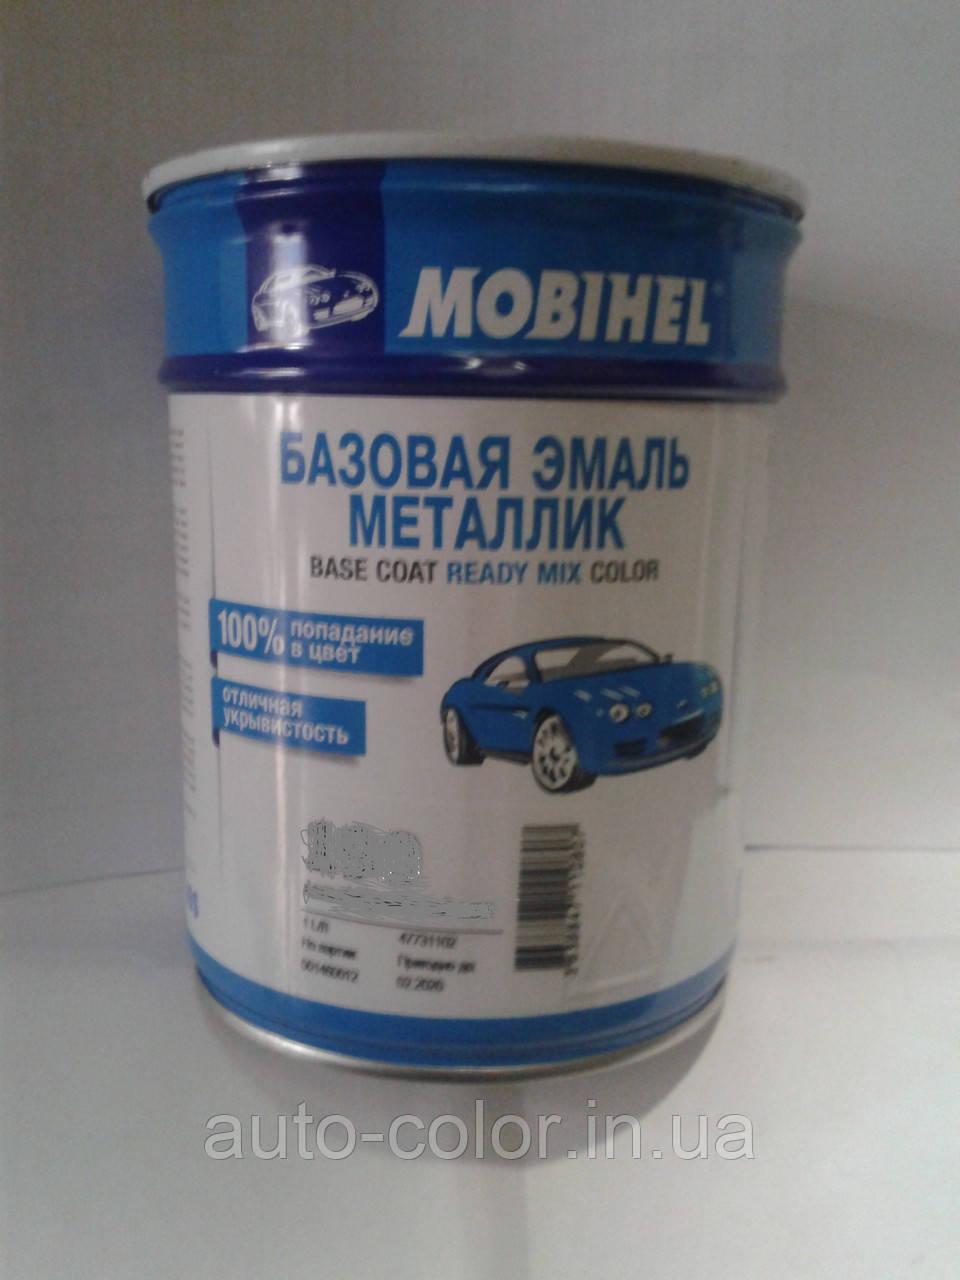 Автоэмаль базовая металлик Mobihel  513 Черный жемчуг  1л